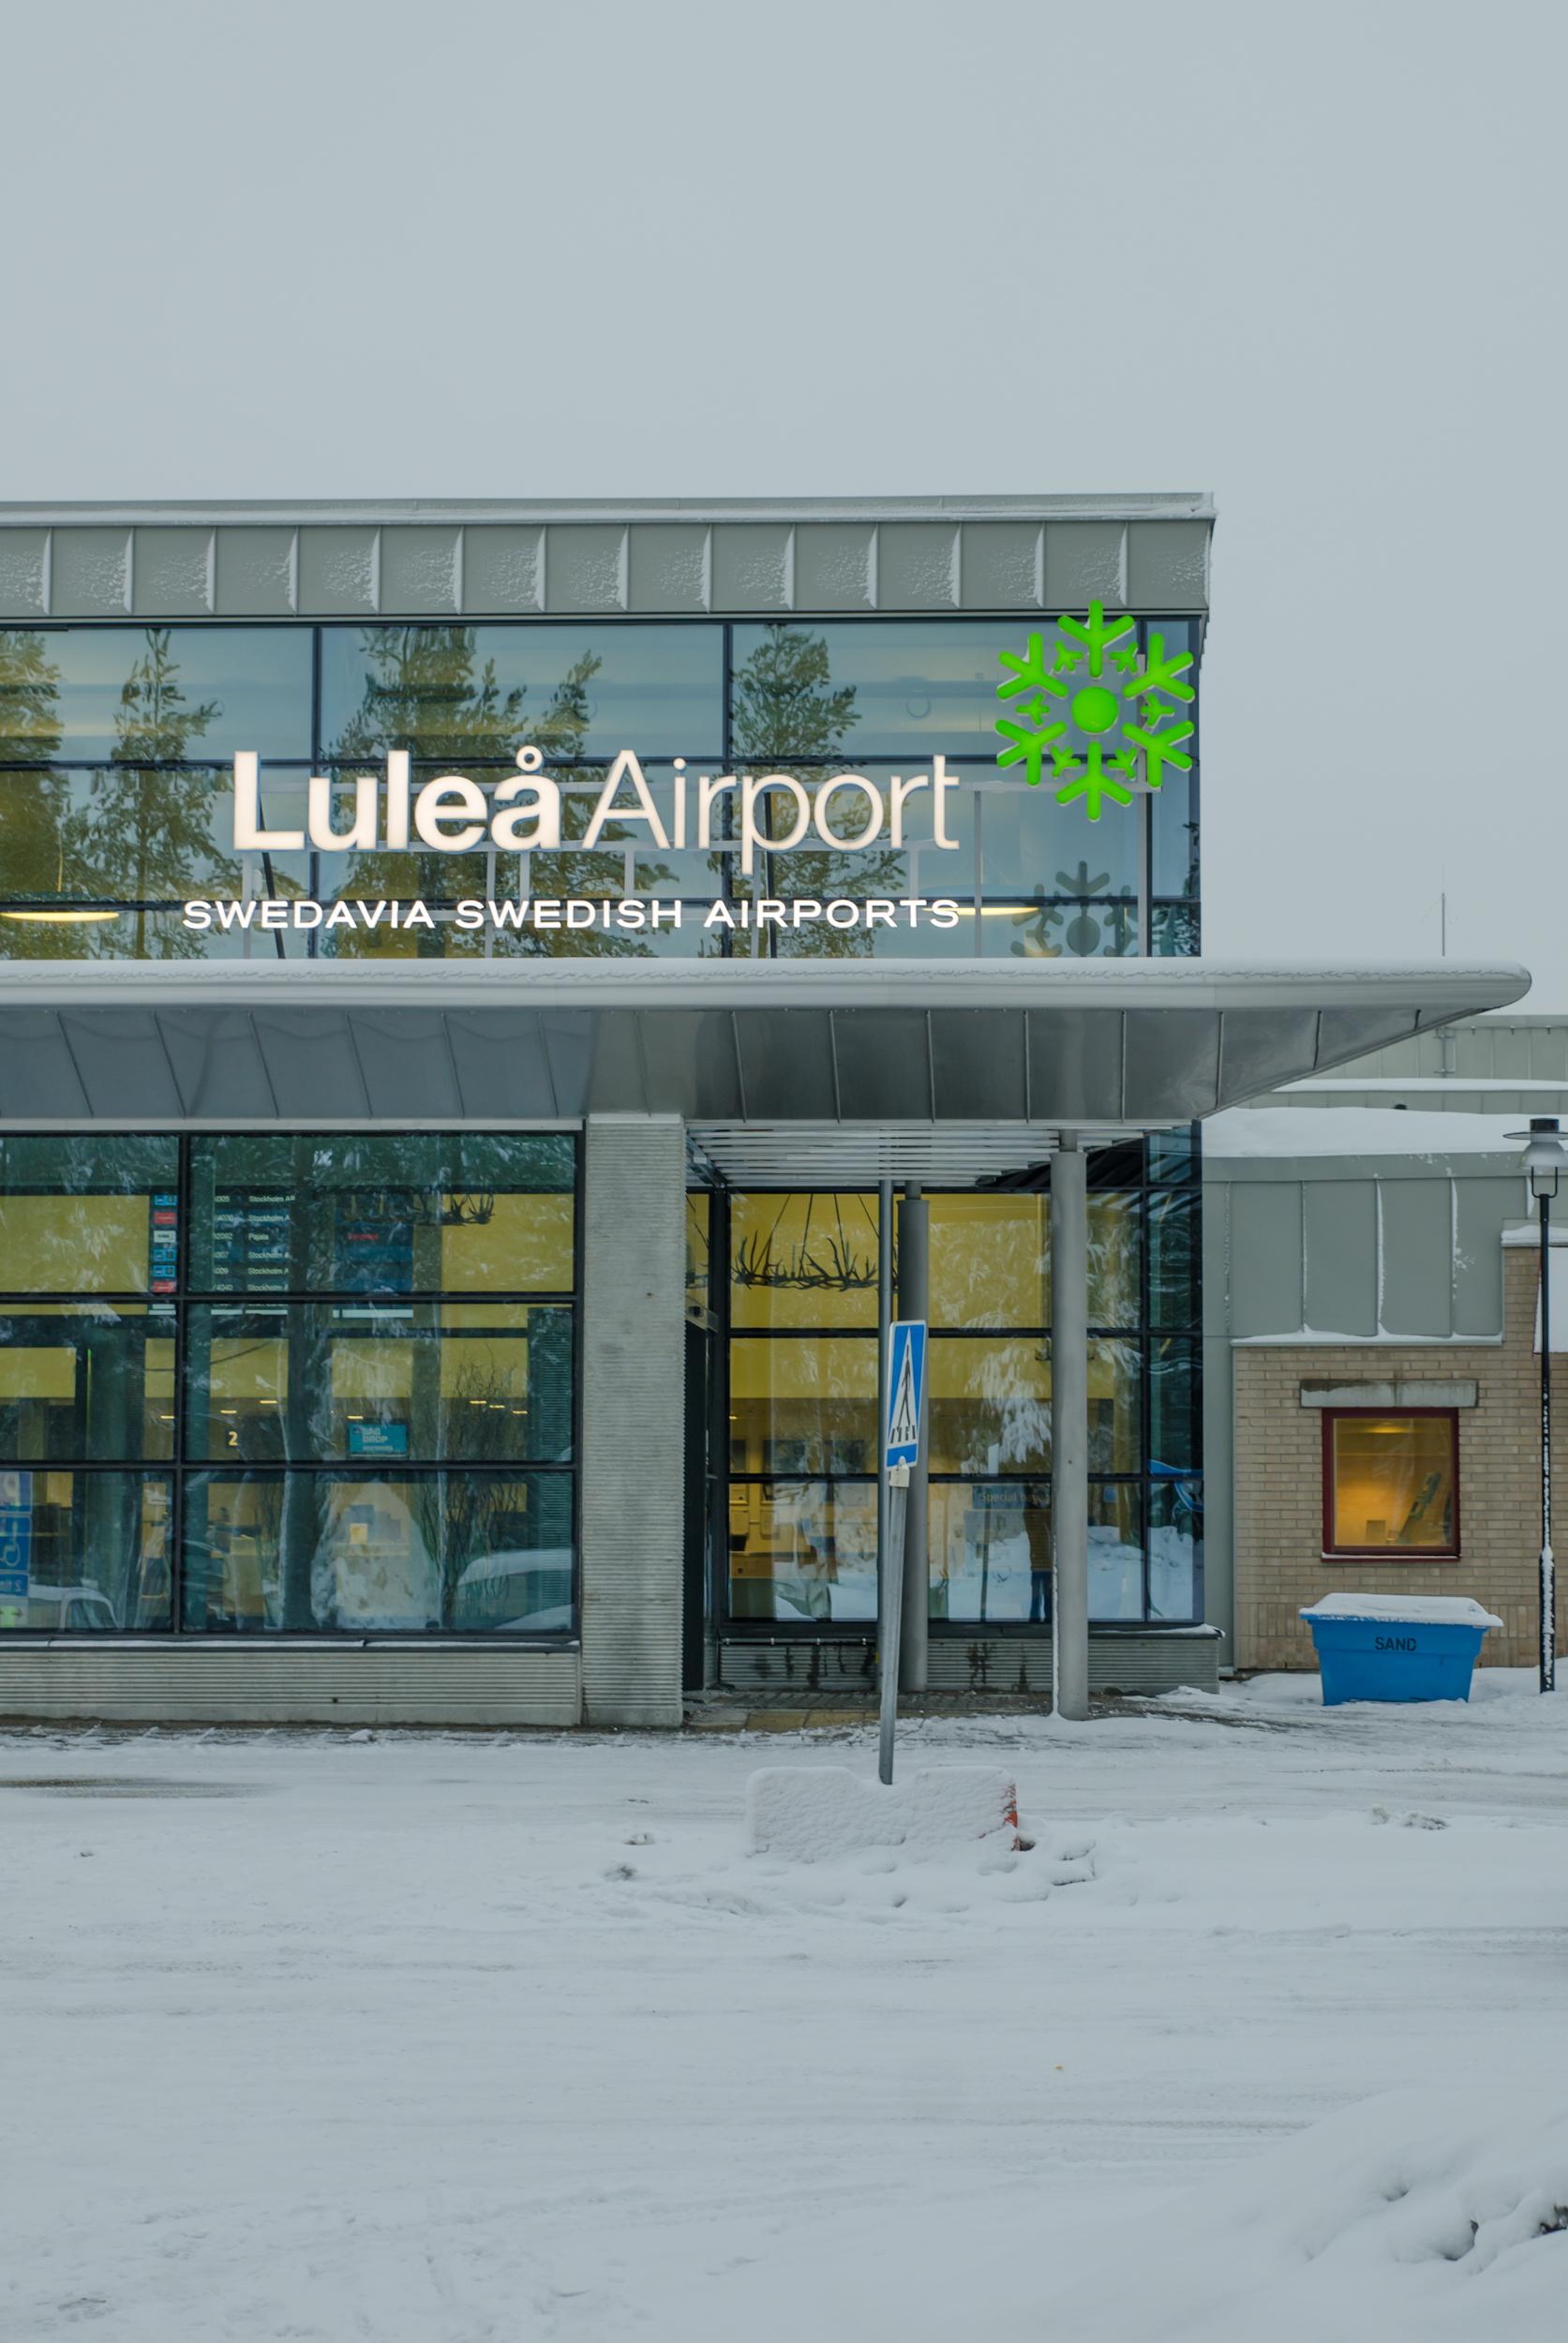 Luleå Airport i samband med Luleå - Alla hjärtans stad